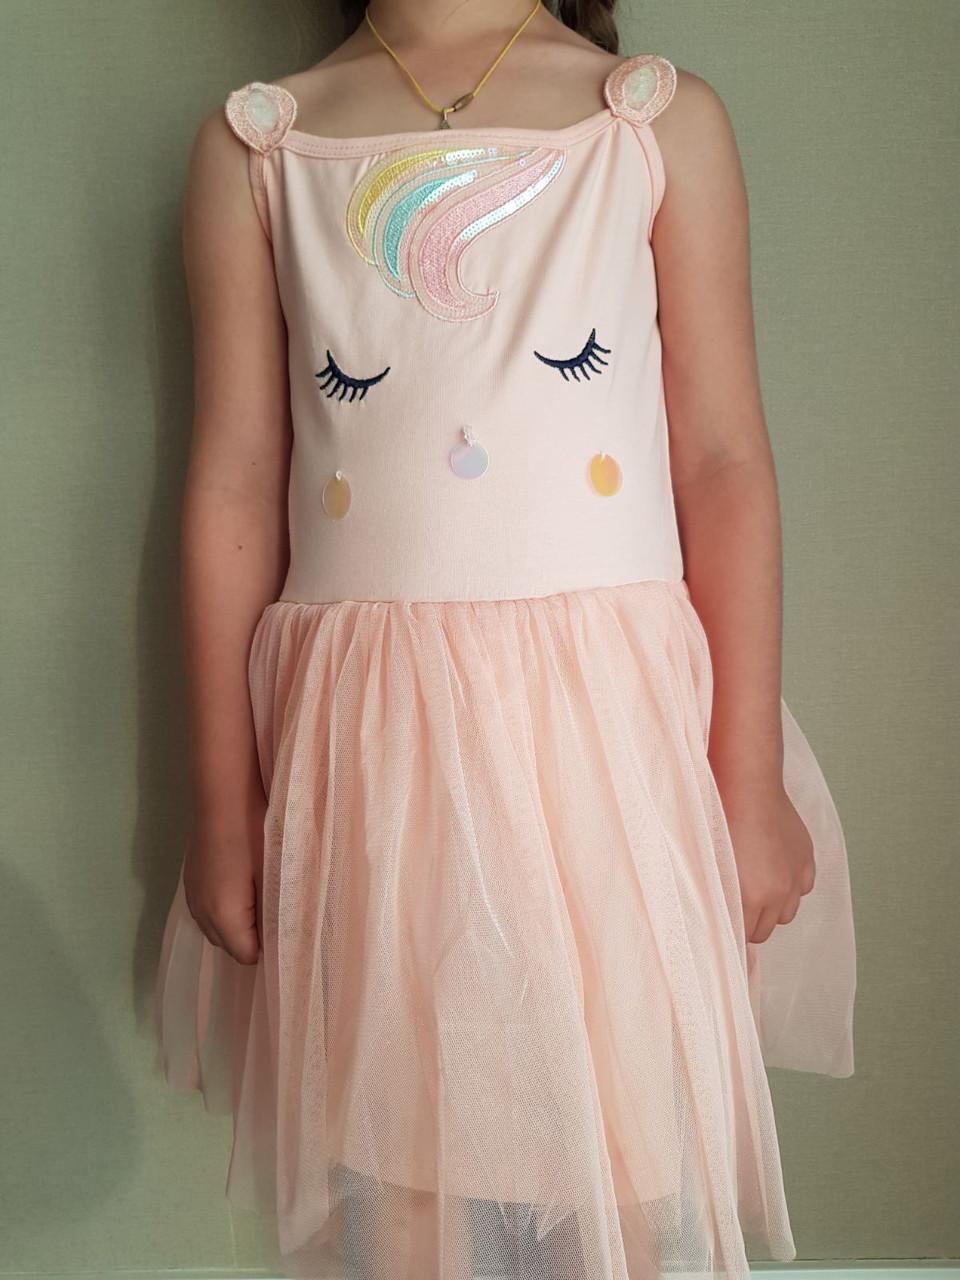 {есть:98 СМ} Платье для девочек Breeze Girls, Артикул: 14145-2 [98 СМ]